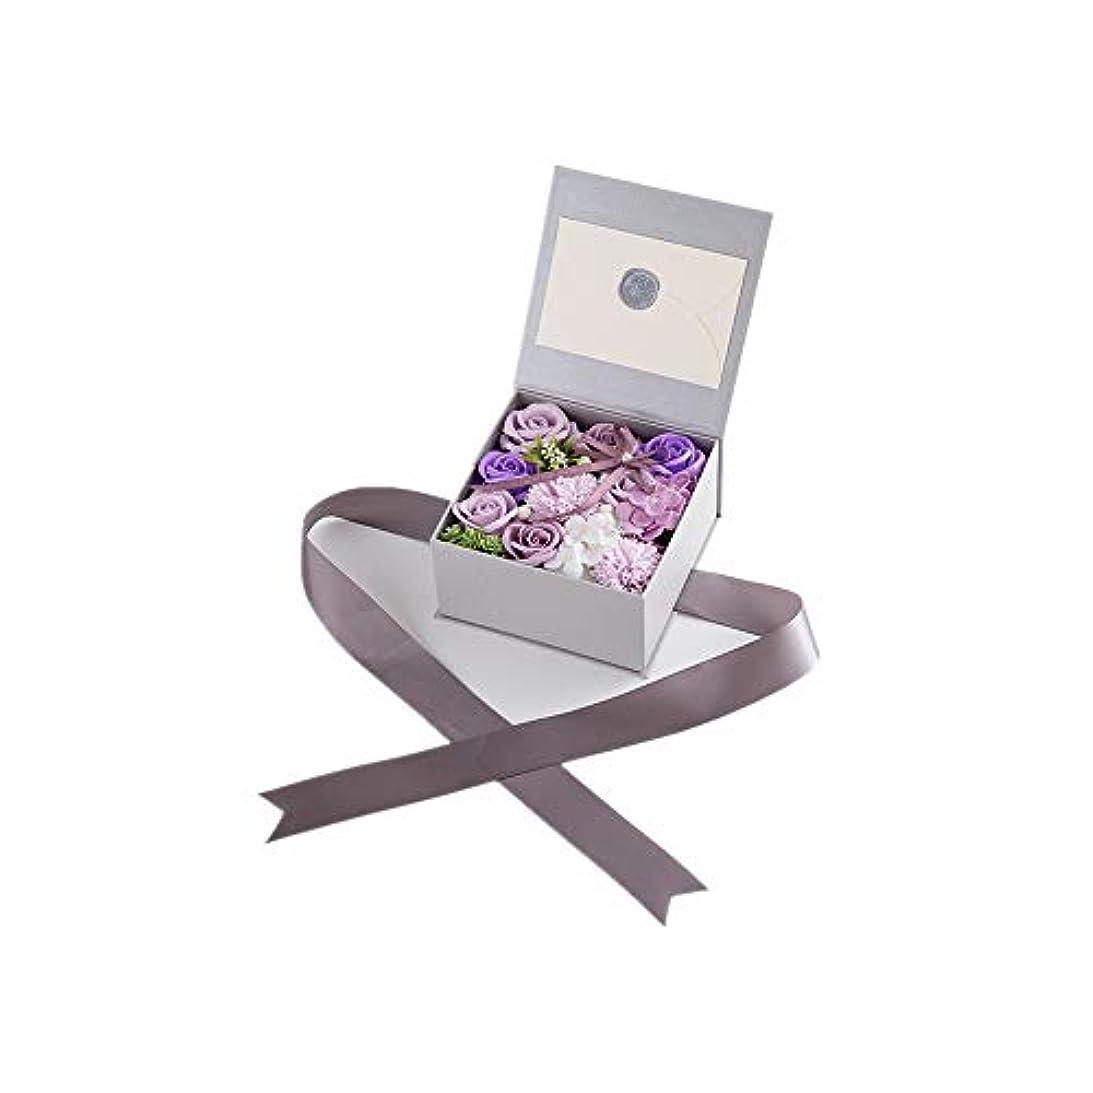 叱る建てるディレクター生地と花石鹸の花 絶妙な梱包フラワーバレンタインデーのための花バラ花束の記念日誕生日母の日 (色 : Violet)